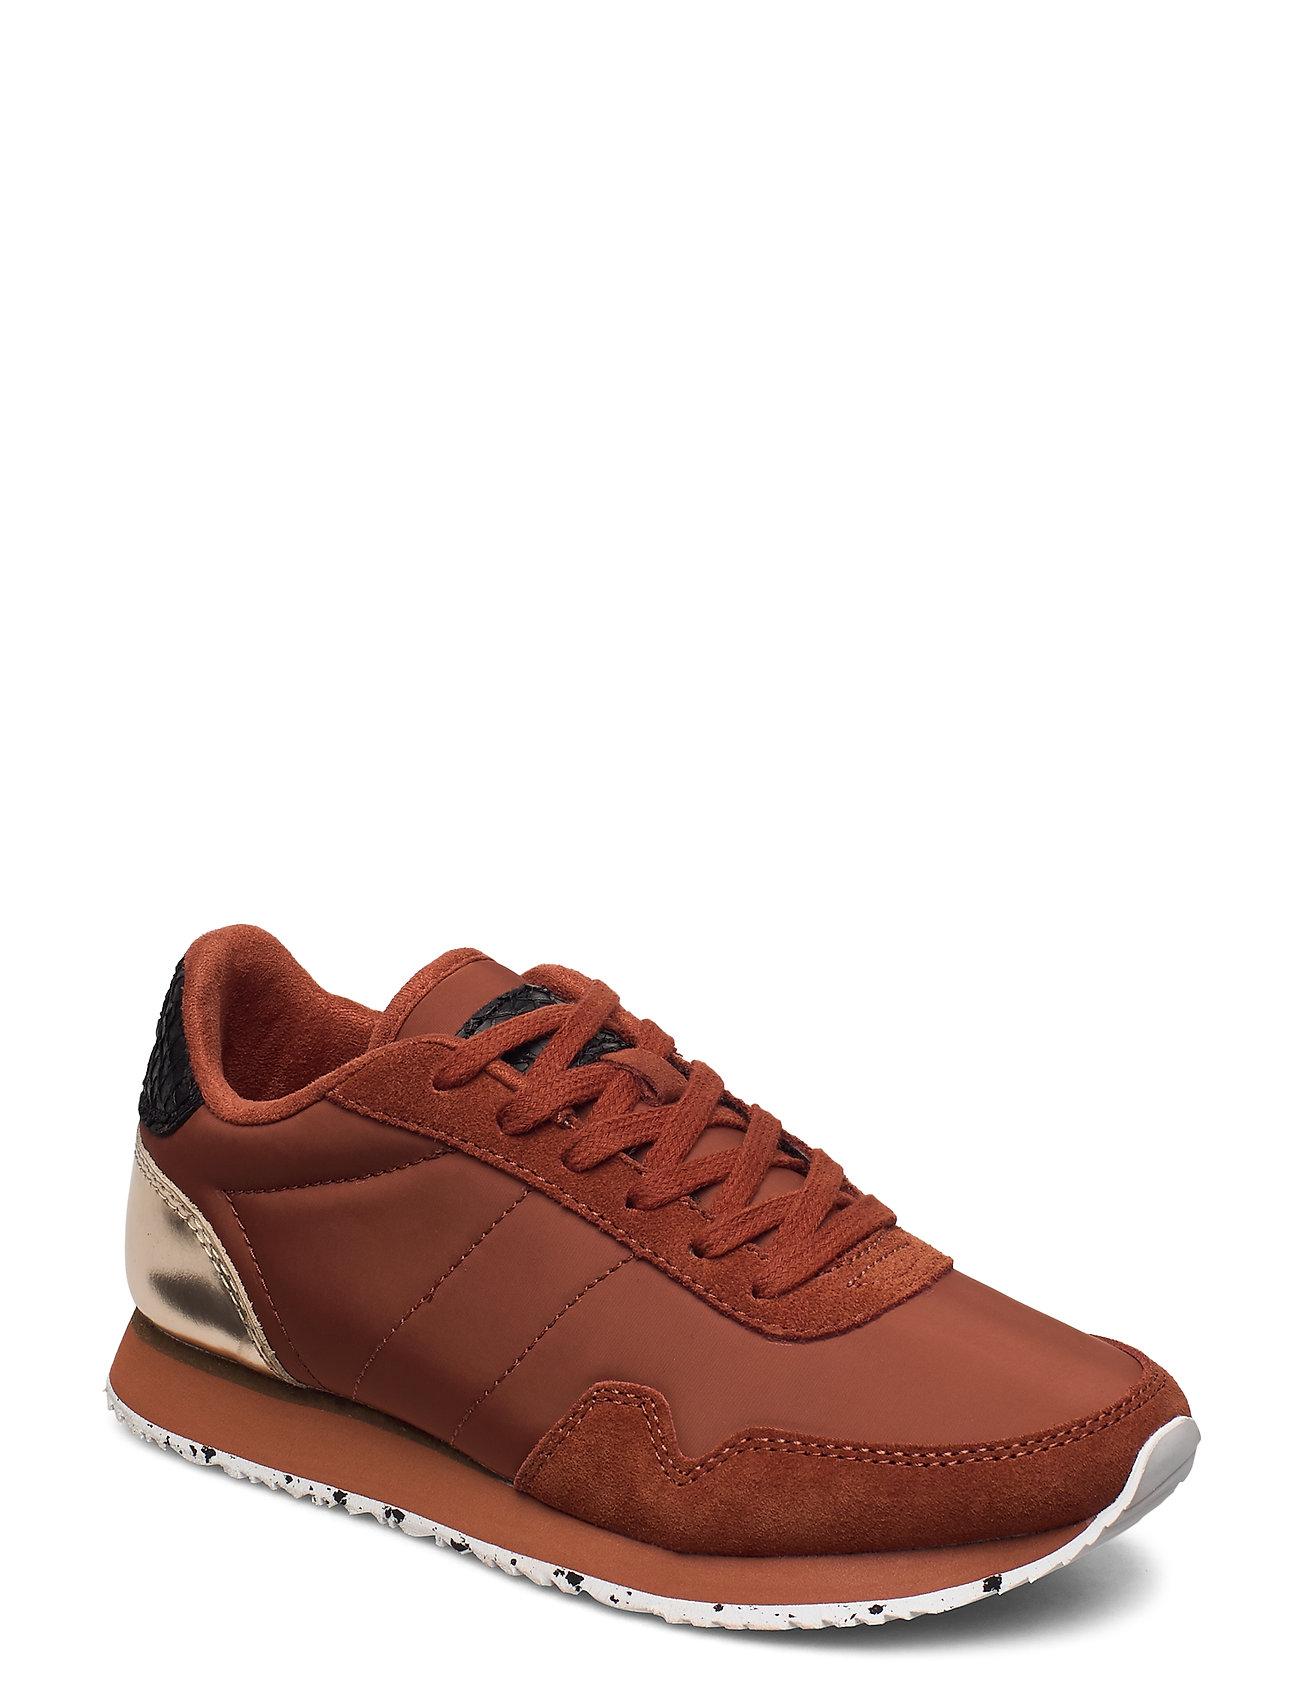 Image of Nora Iii Low-top Sneakers Brun Woden (3440759479)